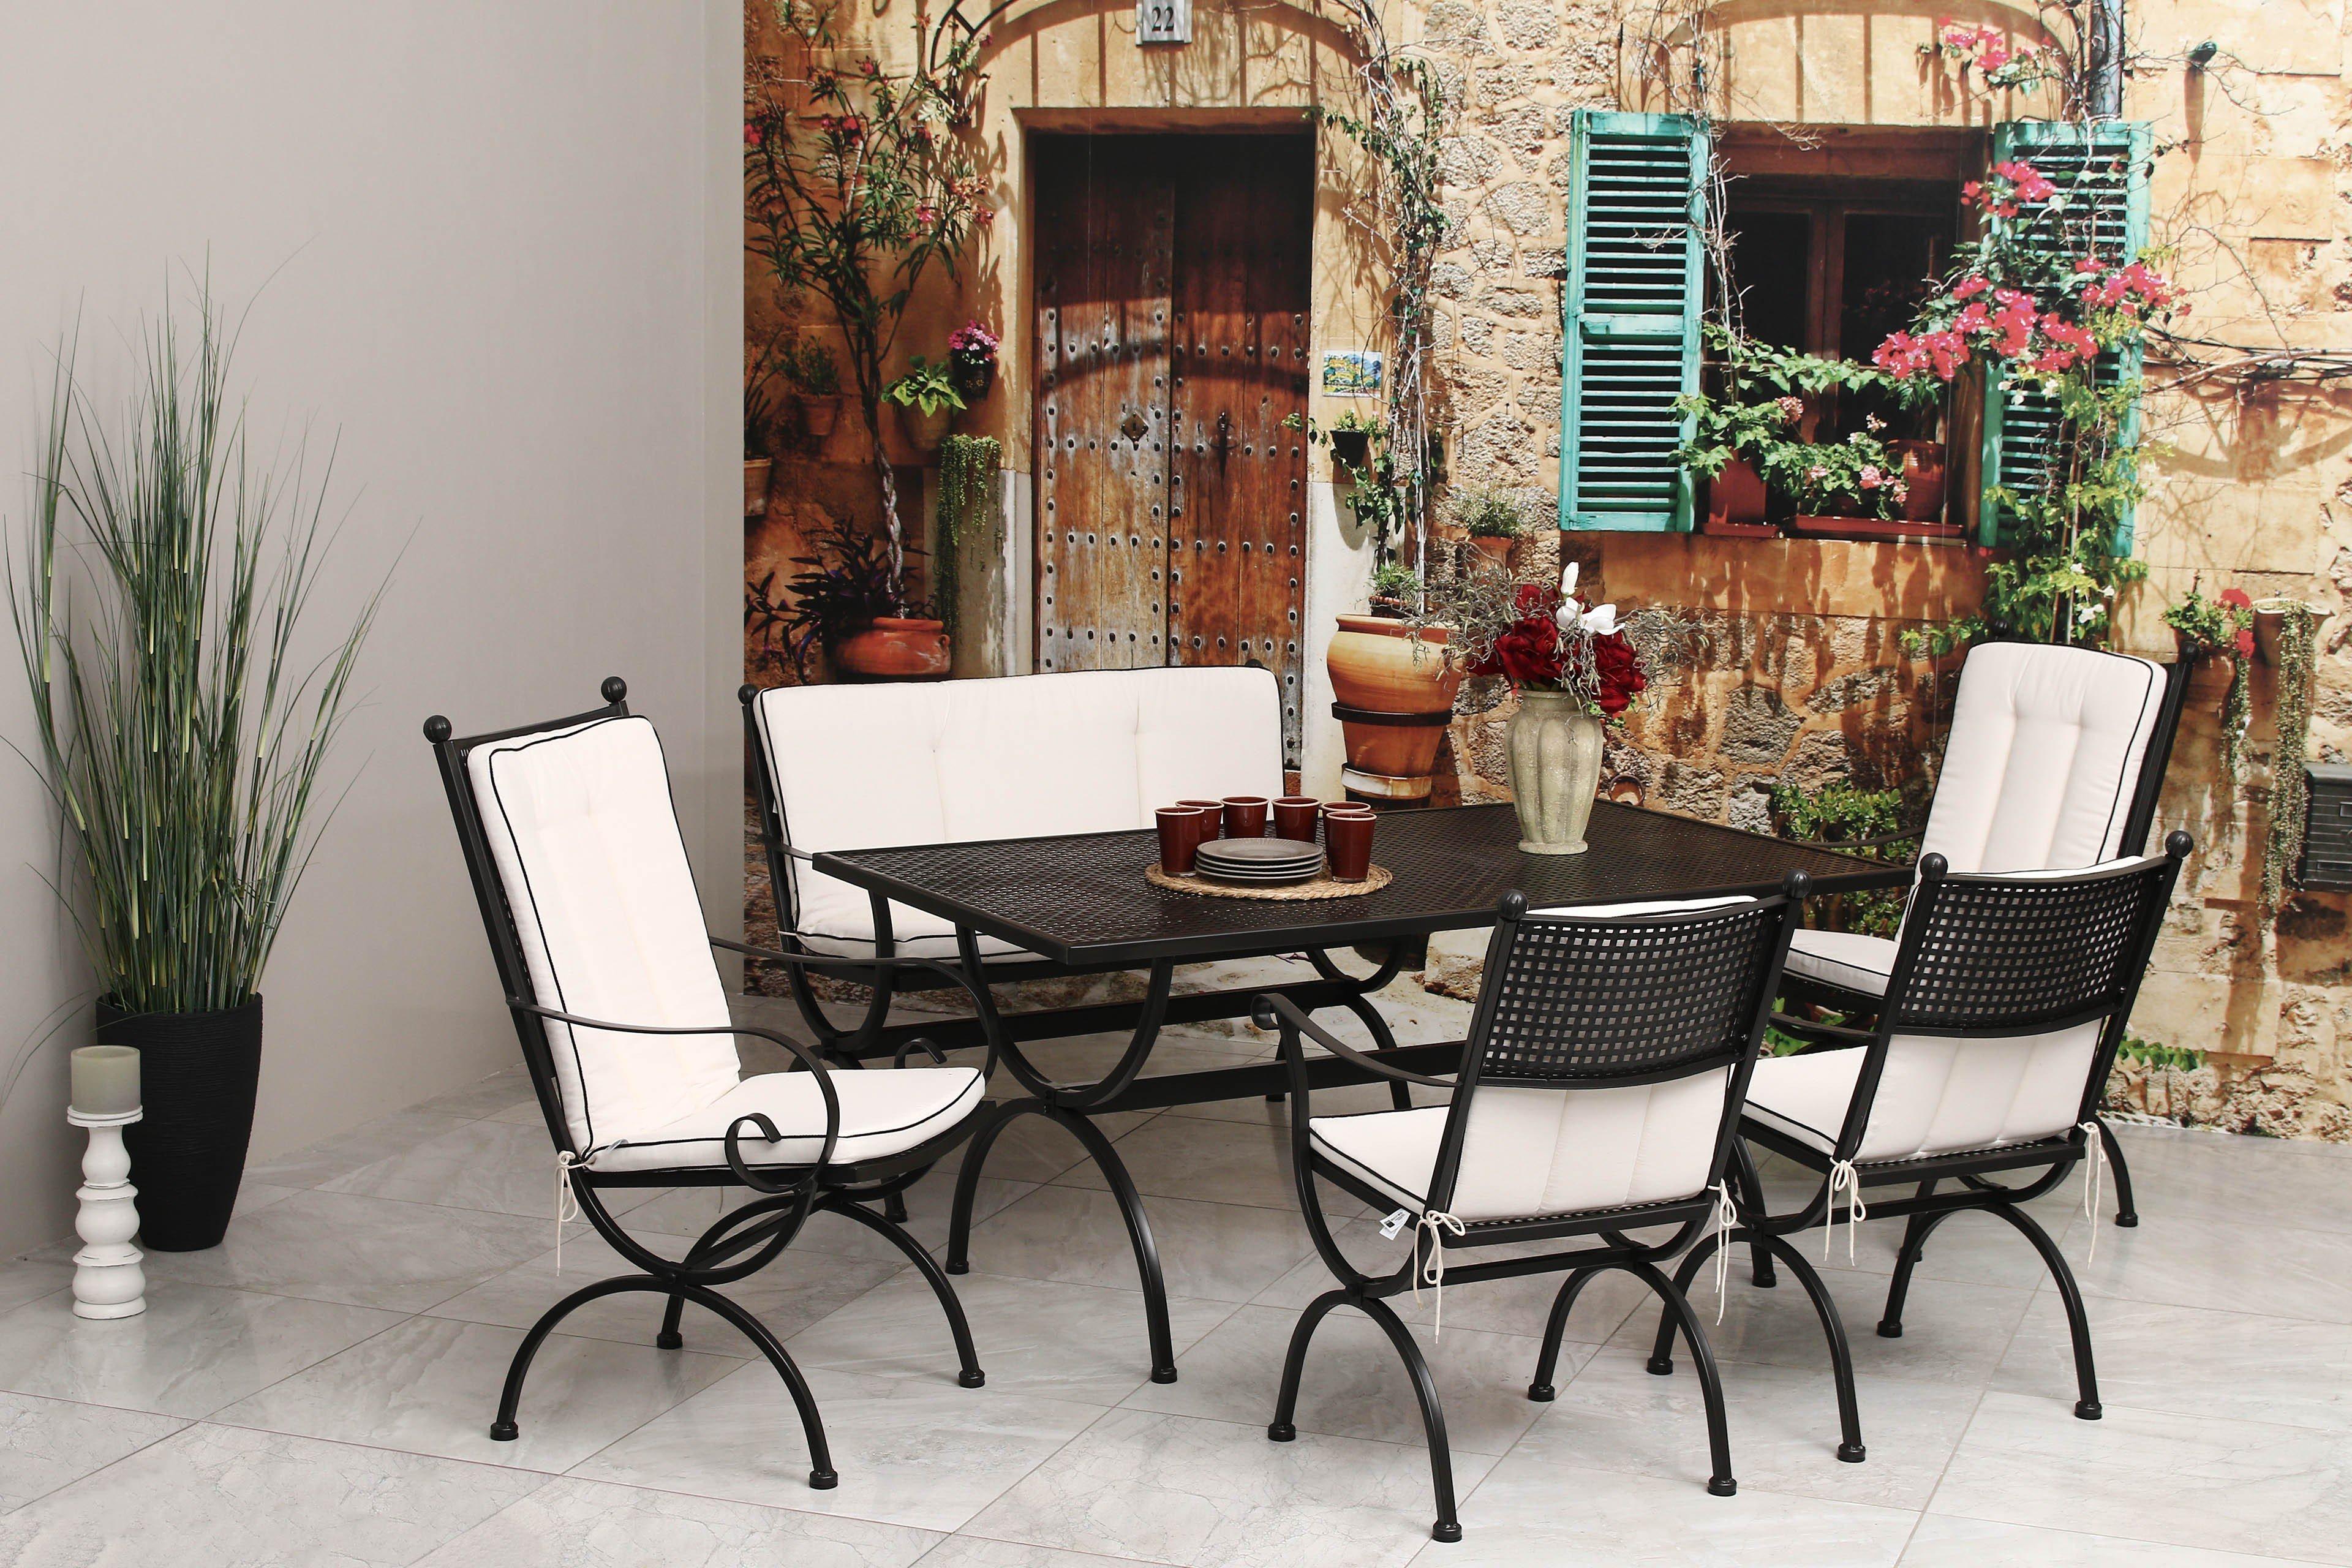 mbm tisch romeo schmiedeeisen m bel letz ihr online shop. Black Bedroom Furniture Sets. Home Design Ideas